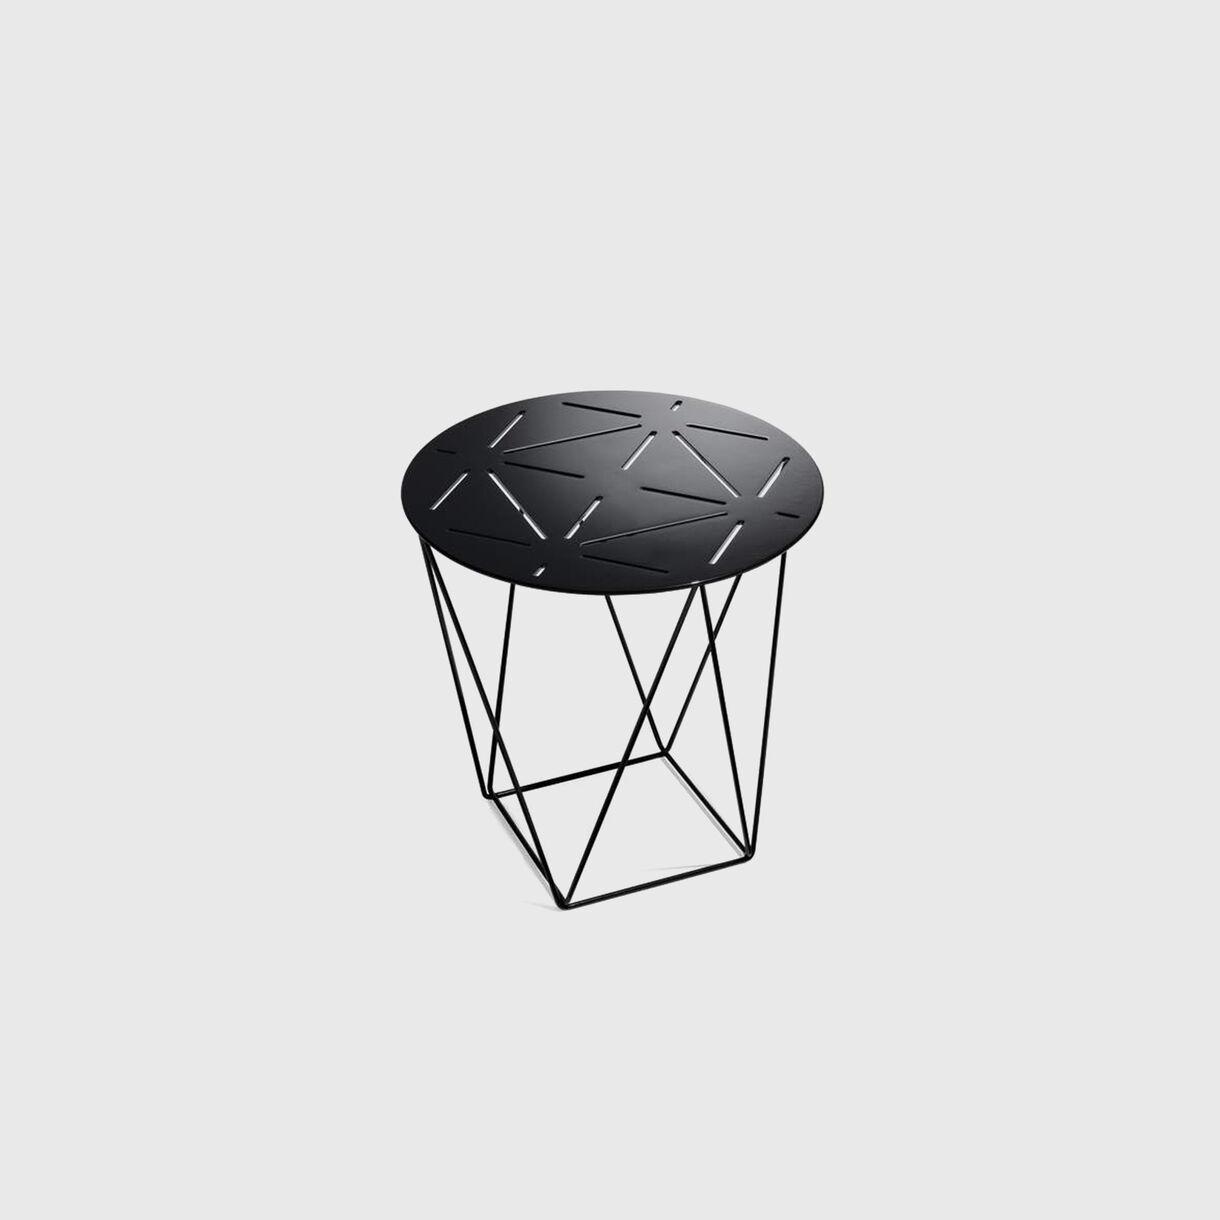 Joco Side Table, T1, Black